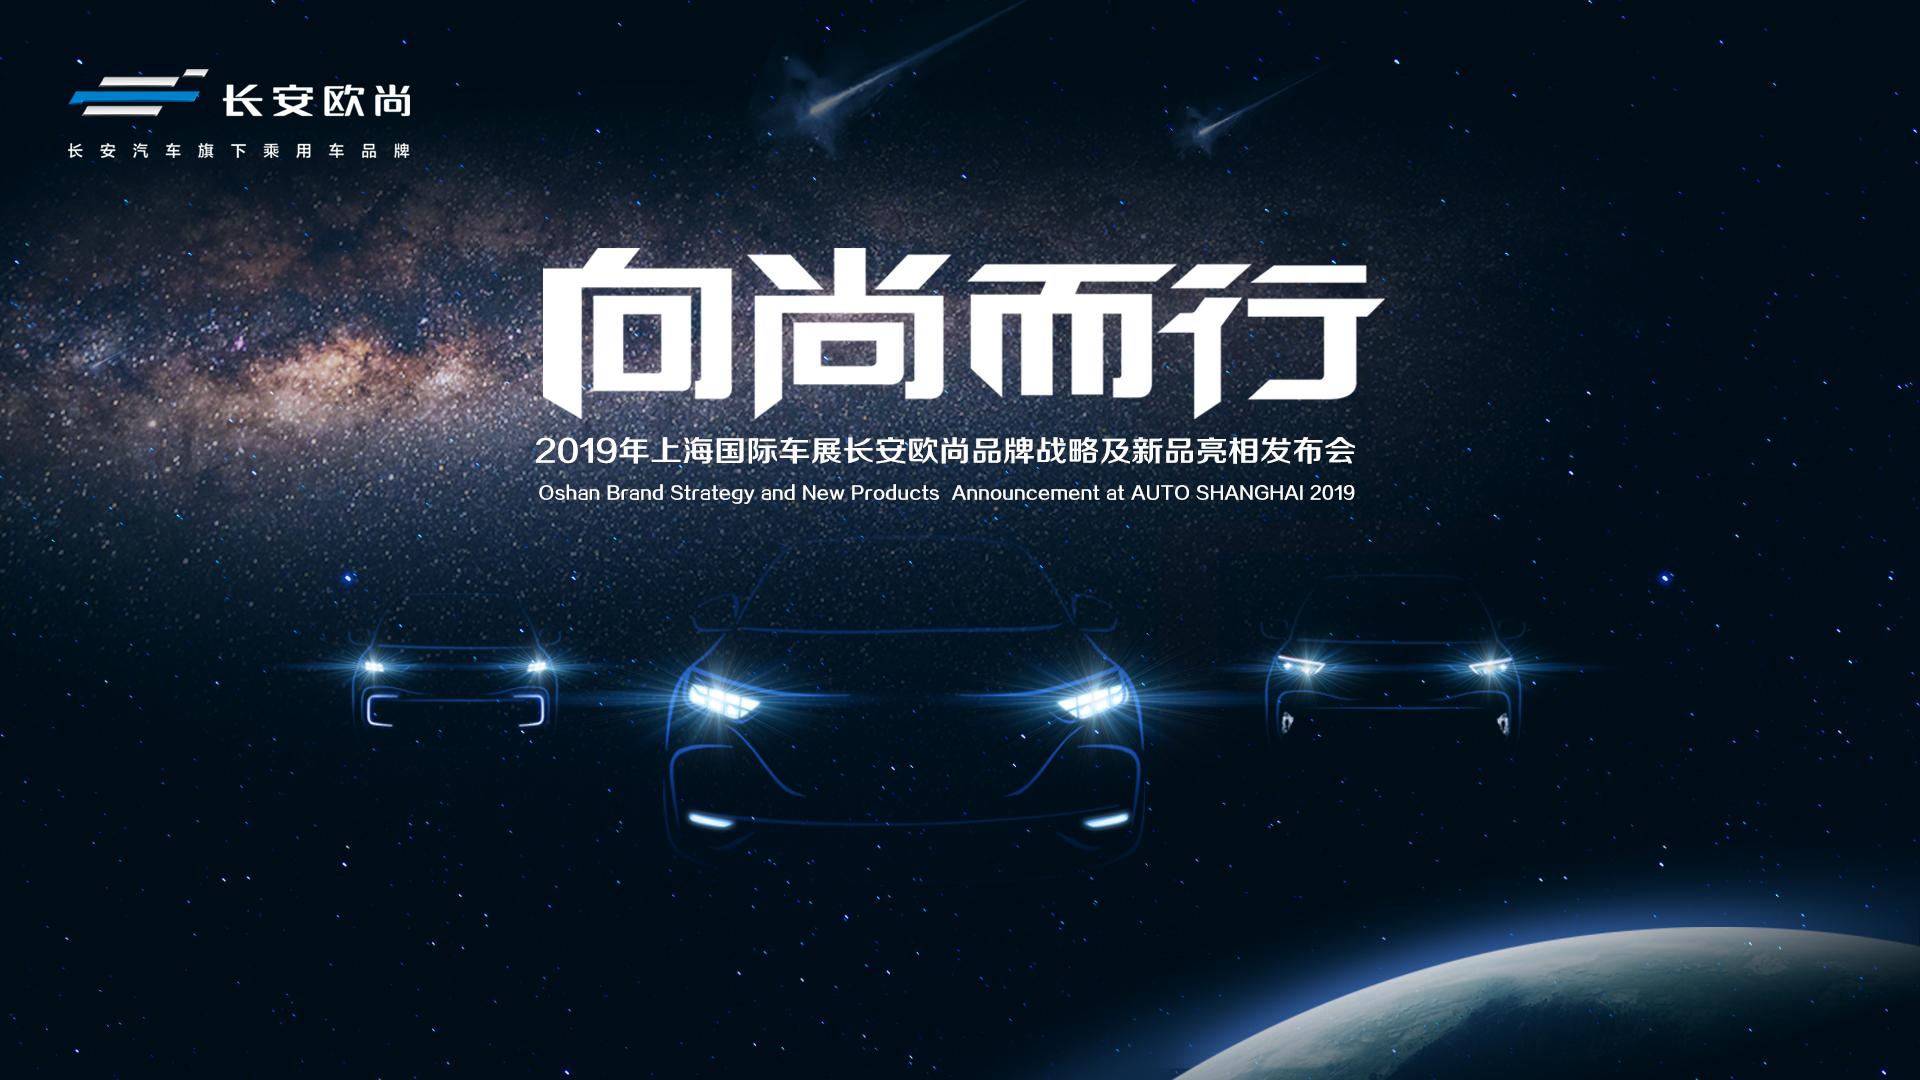 2019年上海国际车展长安欧尚品牌战略及新品亮相发布会